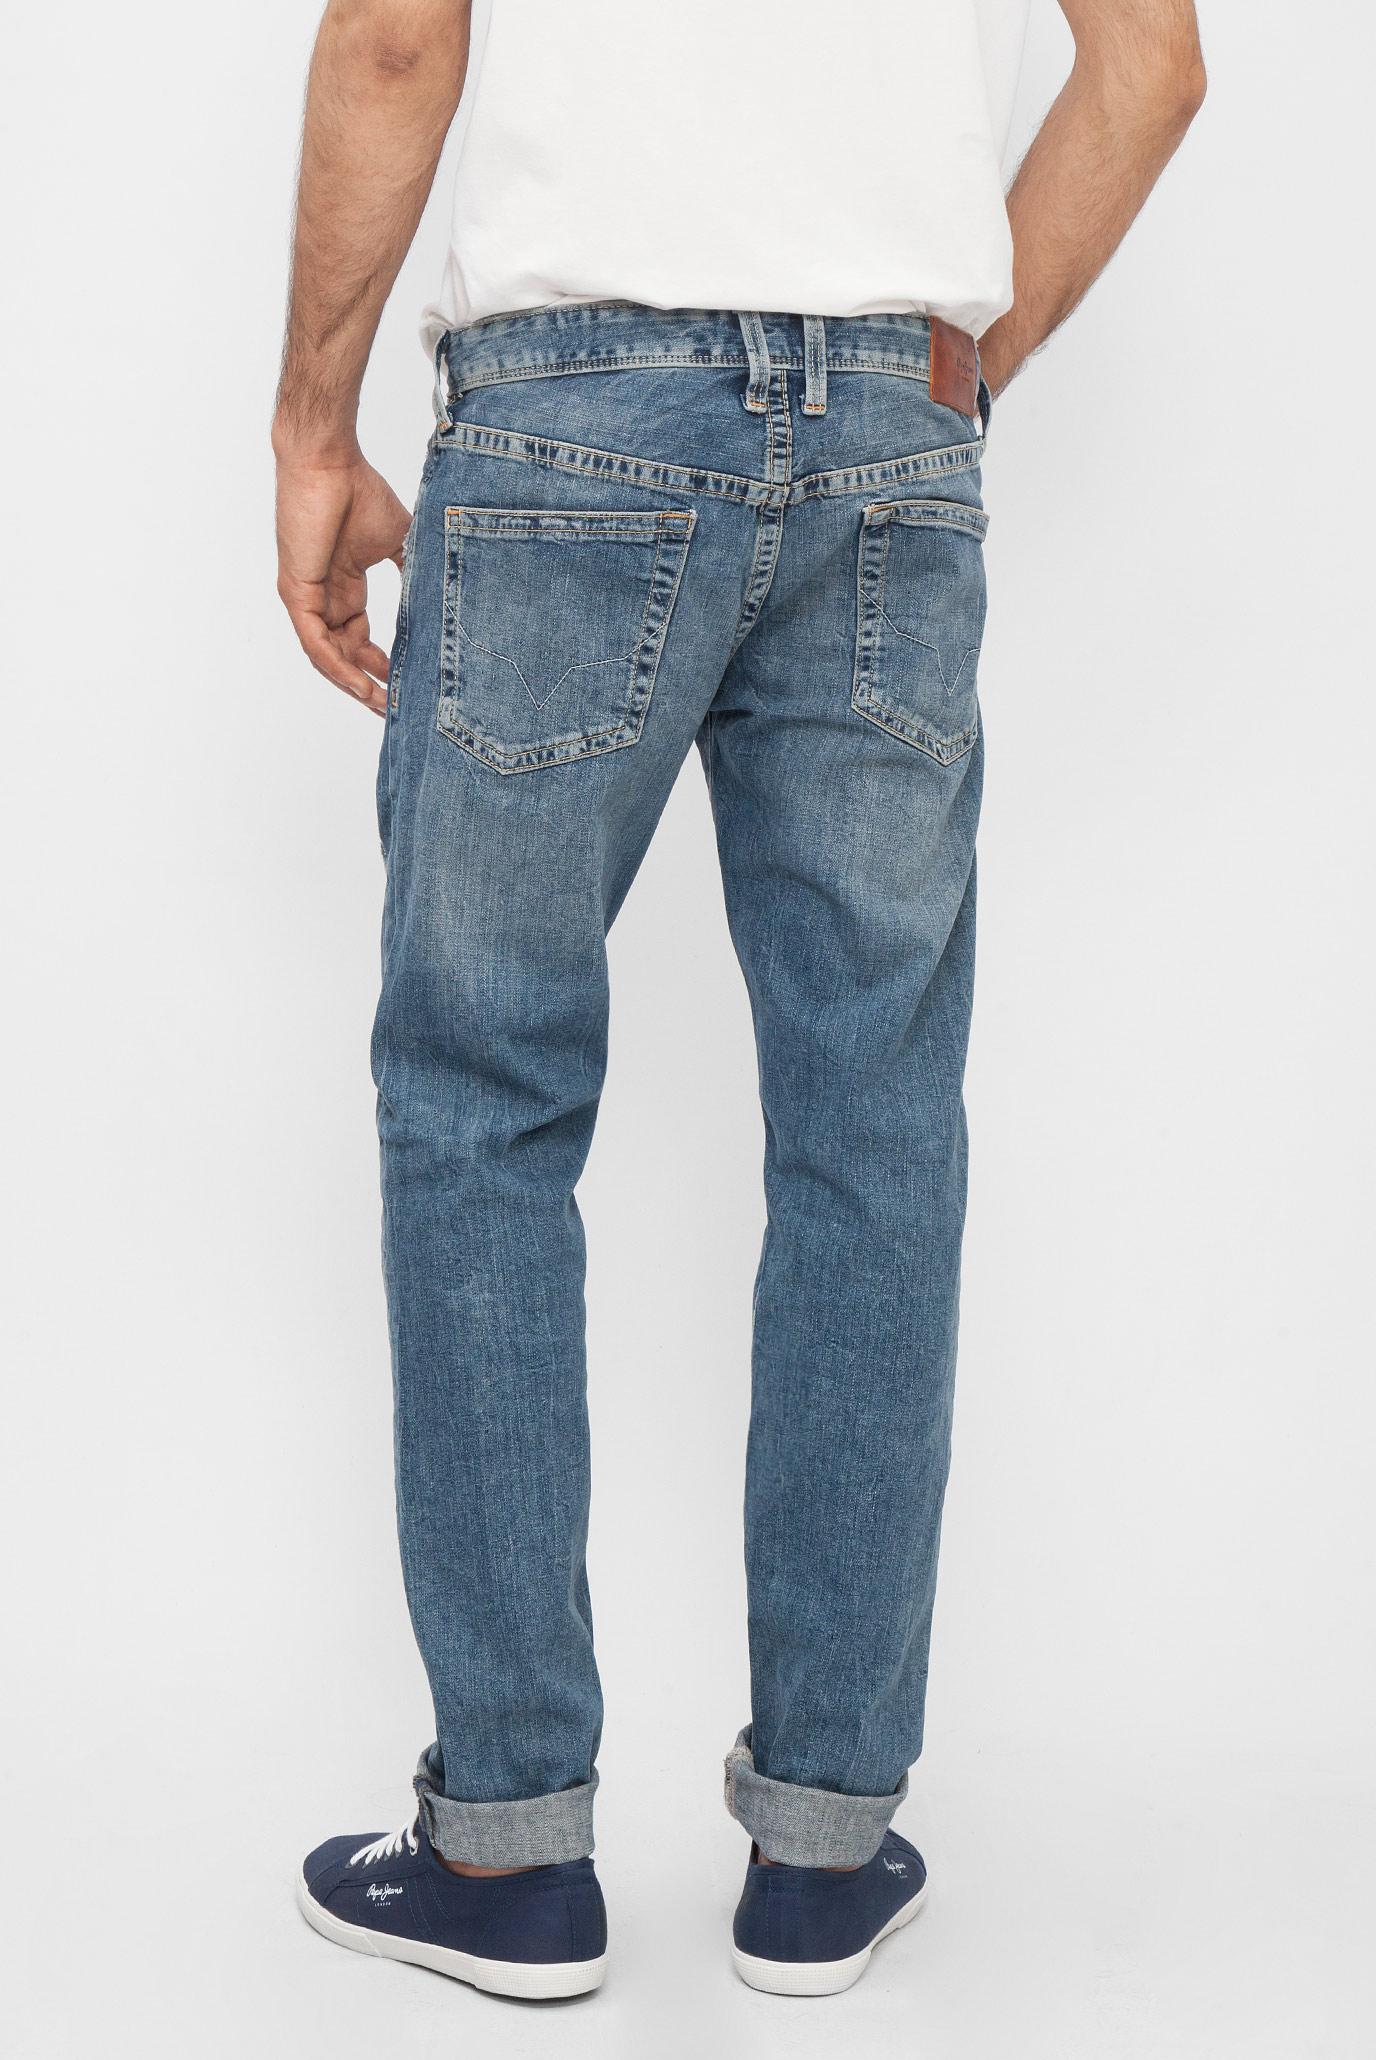 Купить Мужские синие джинсы HATCH SL-HATCH Pepe Jeans Pepe Jeans PM200823RA22 – Киев, Украина. Цены в интернет магазине MD Fashion